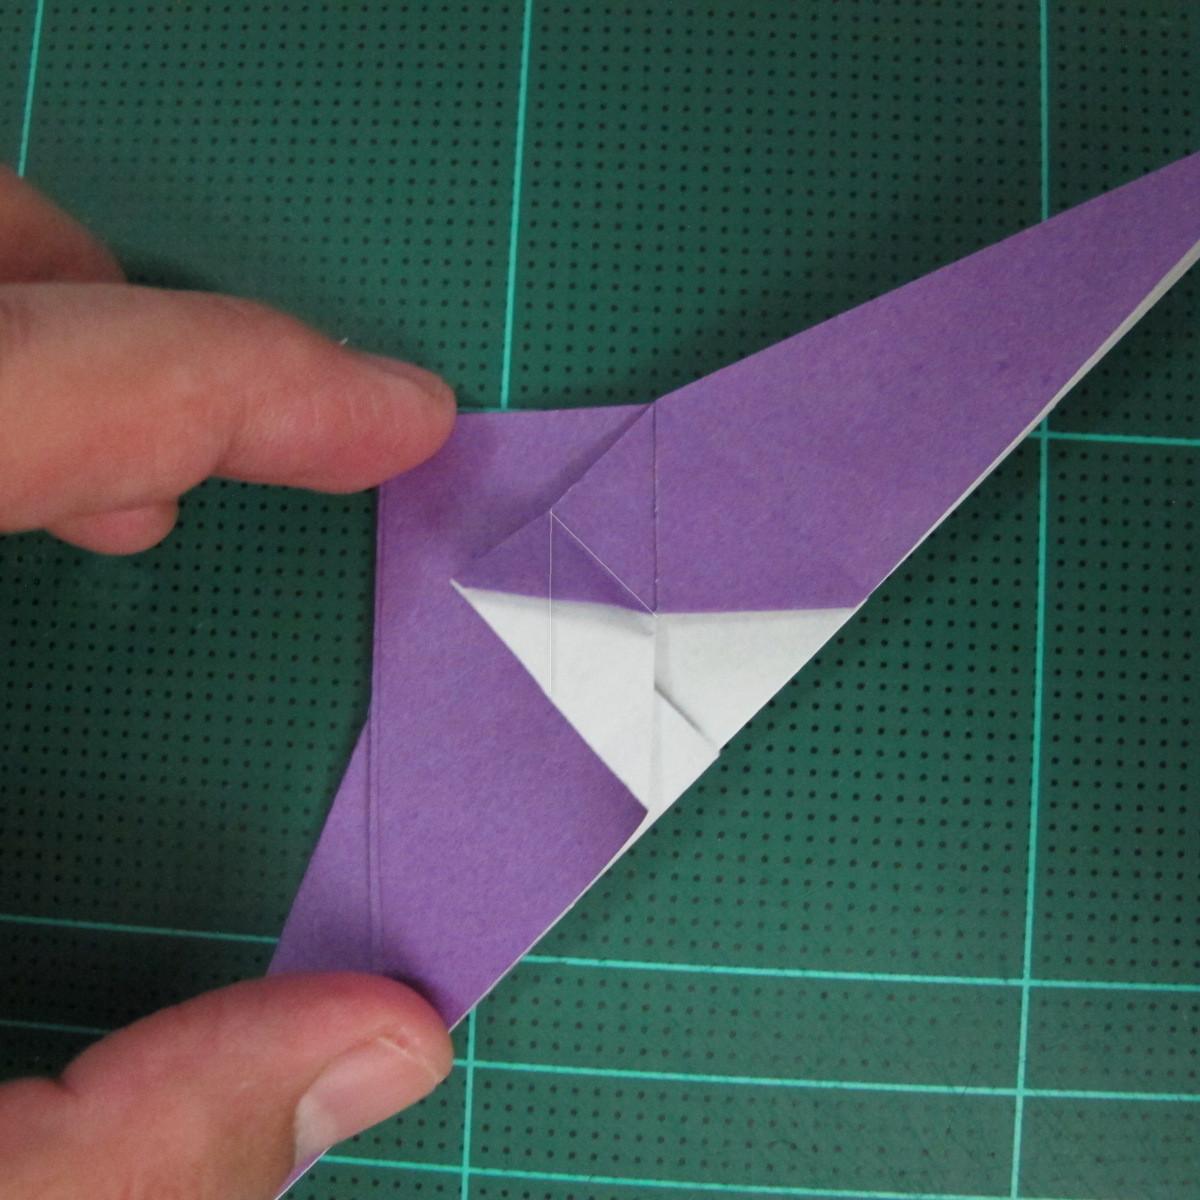 วิธีพับกระดาษเป็นรูปนกอินทรี (Origami Eagle) 011